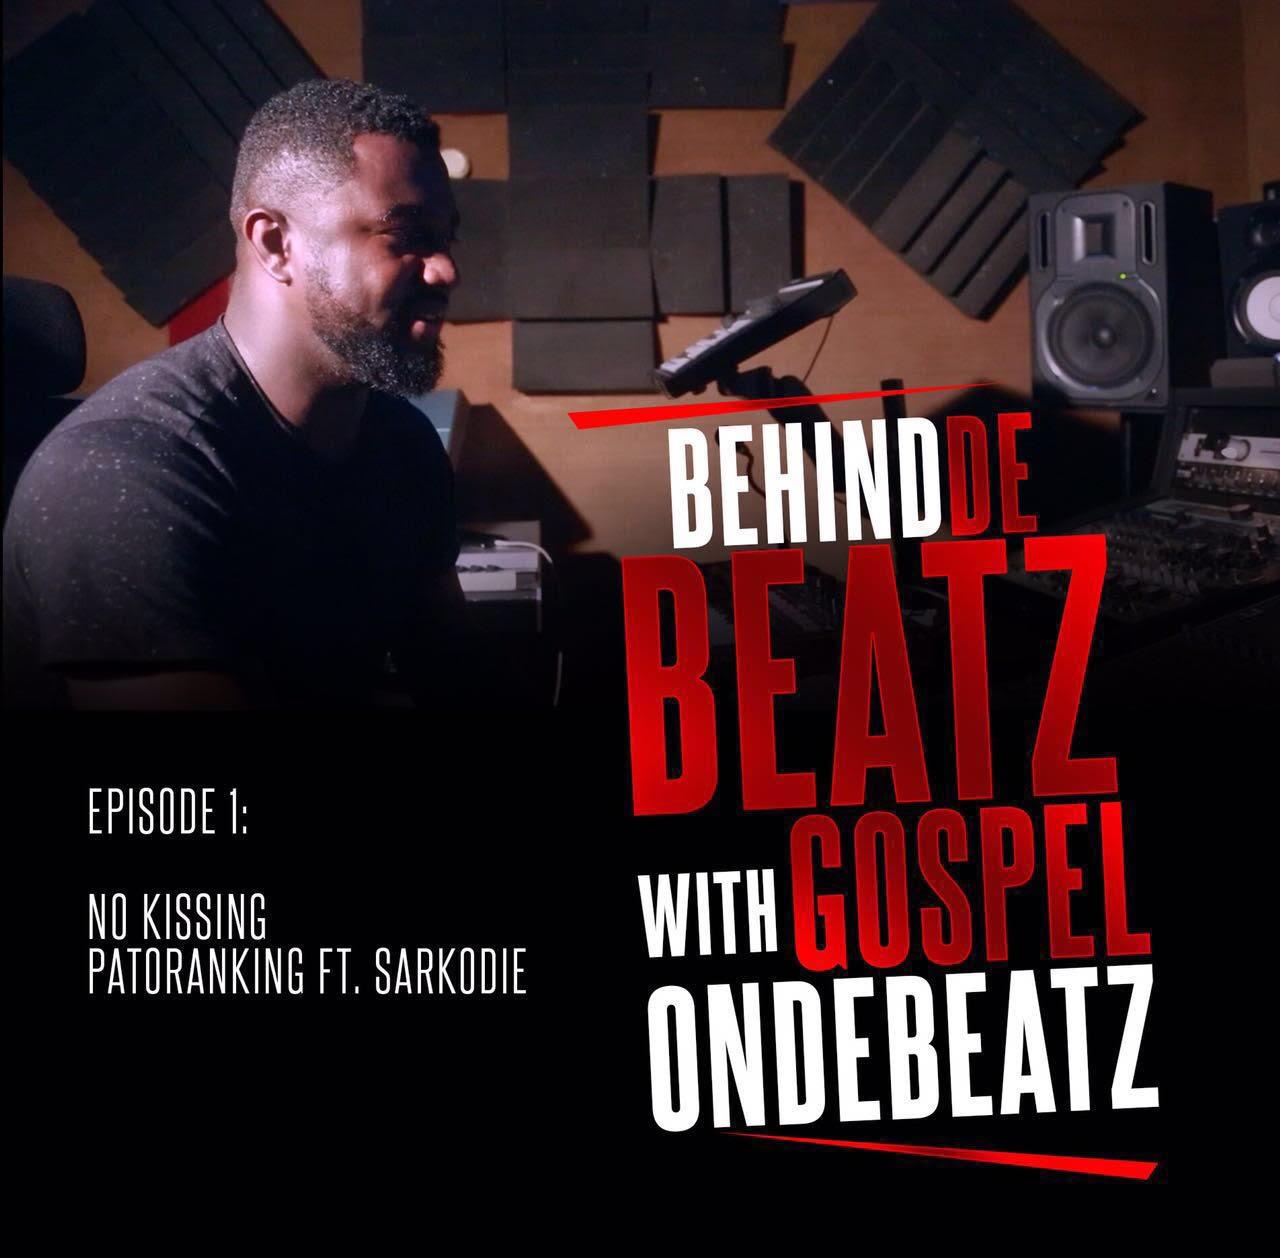 VIDEO: BehindDeBeatz With GospelOnDeBeatz